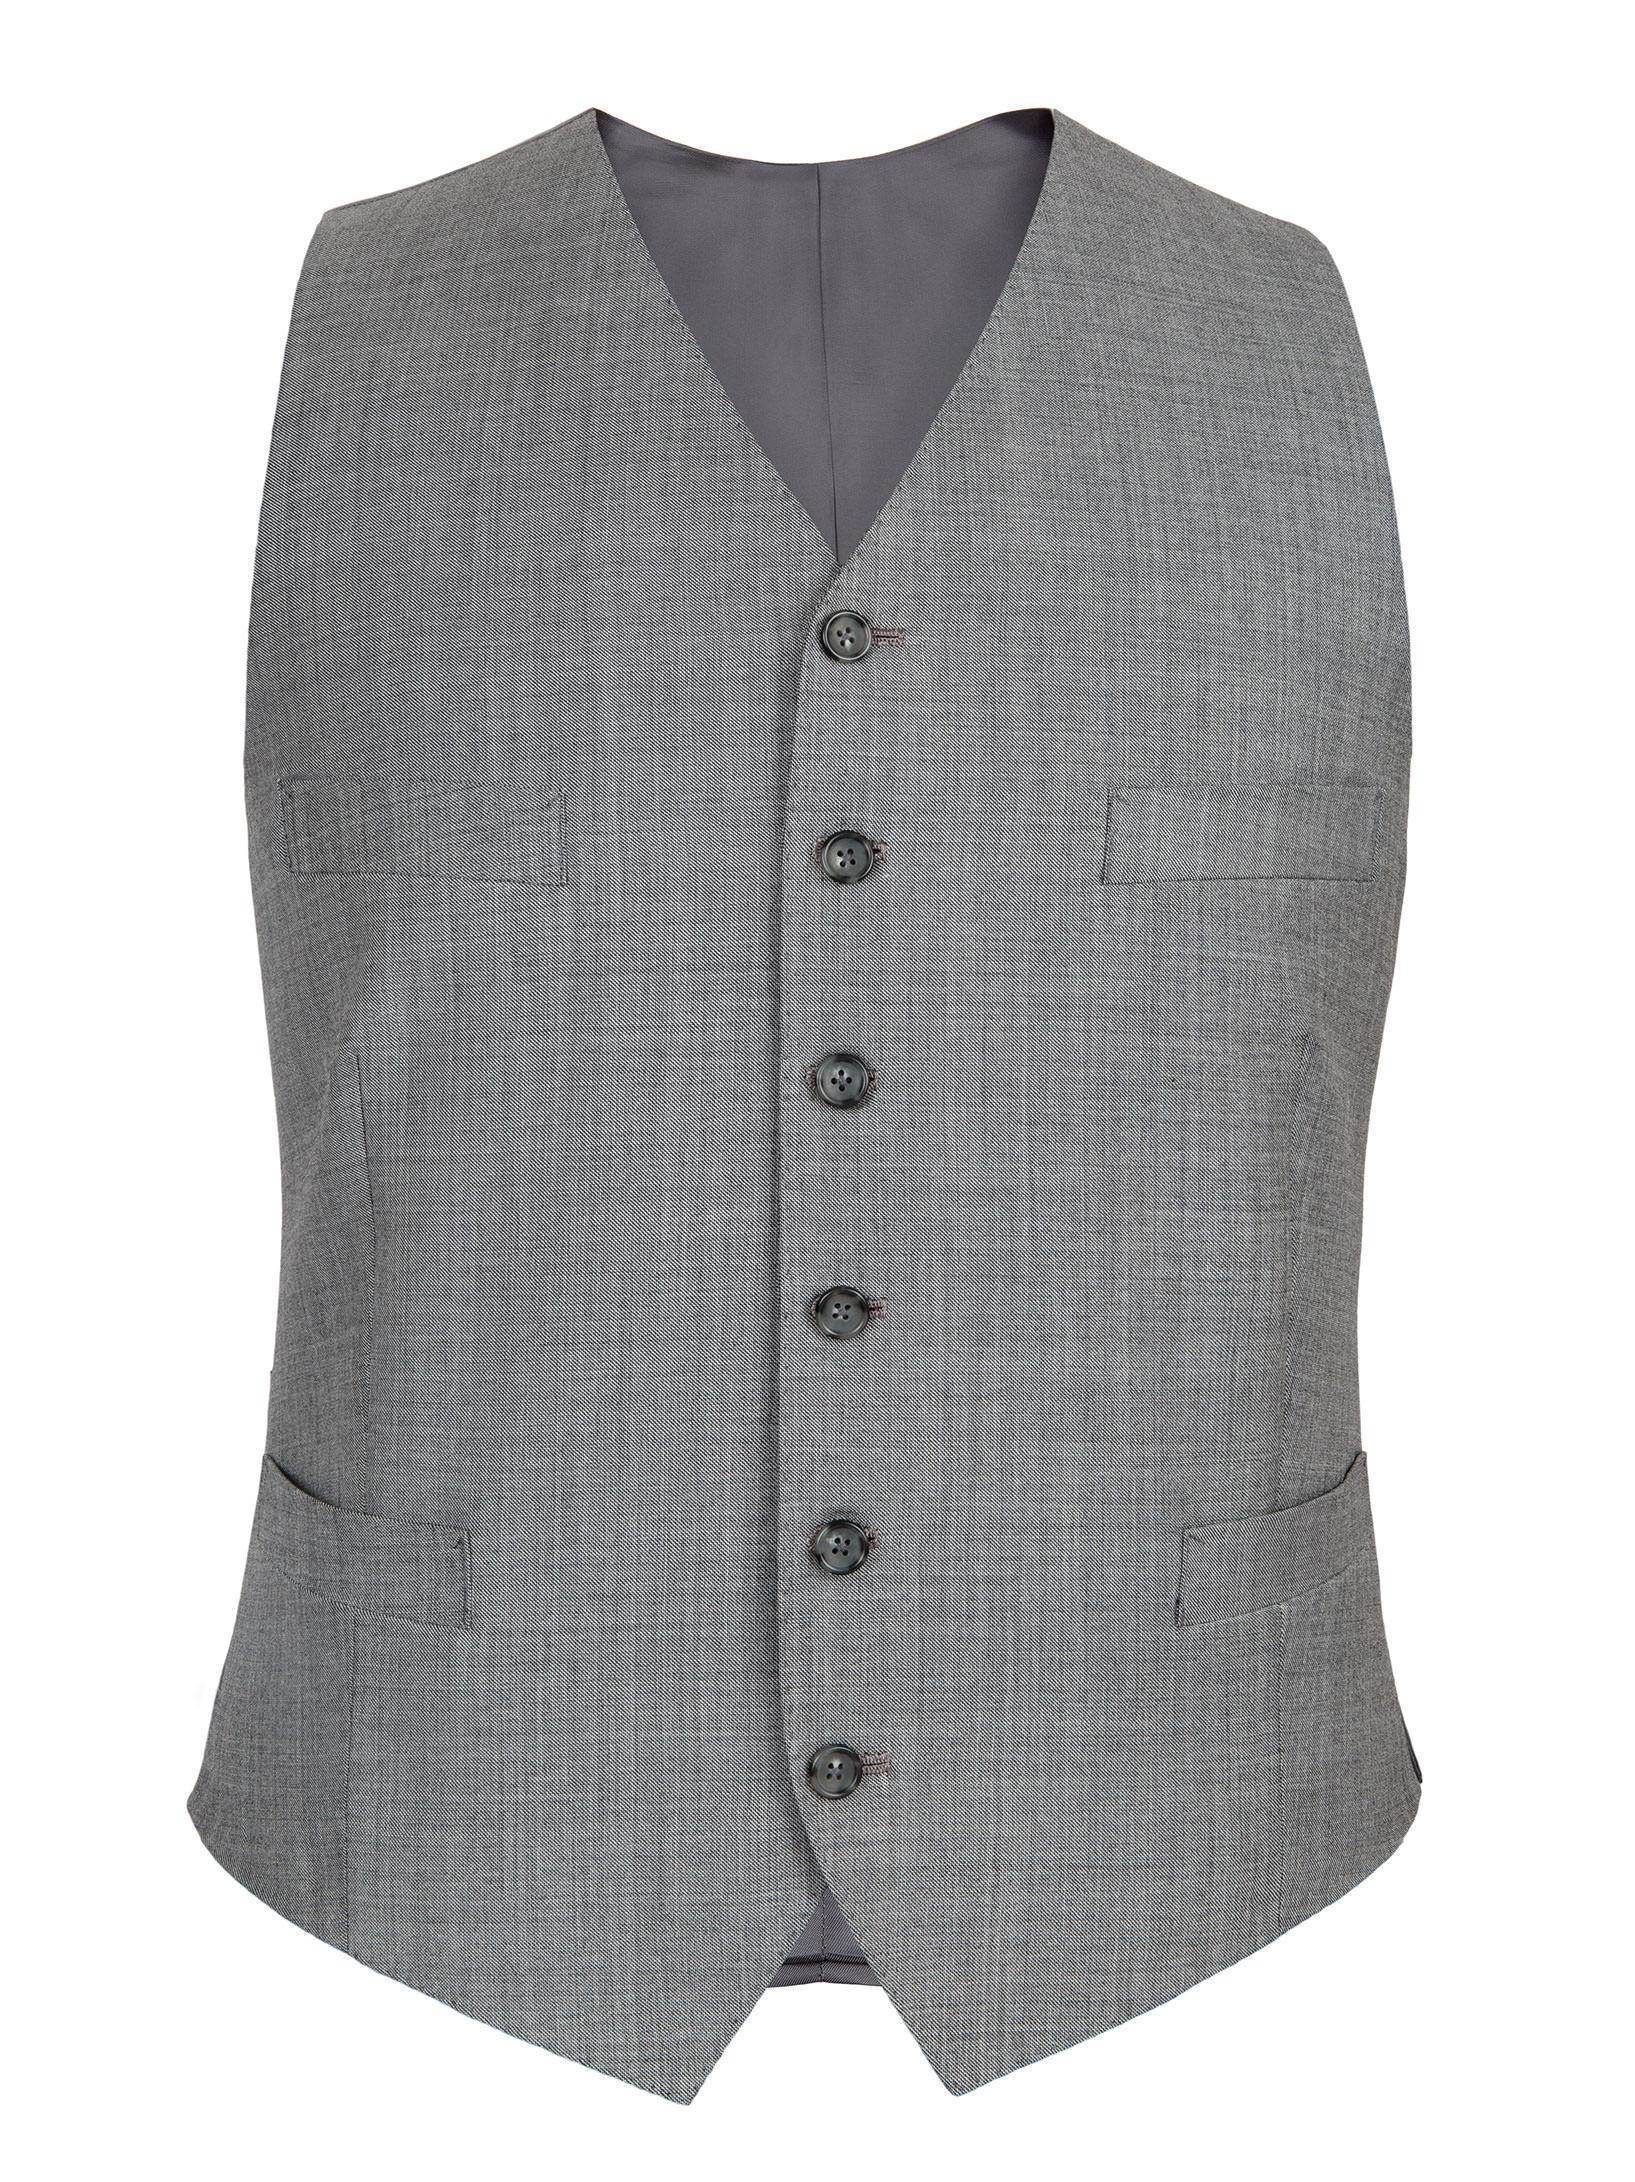 6-Button Vest vest